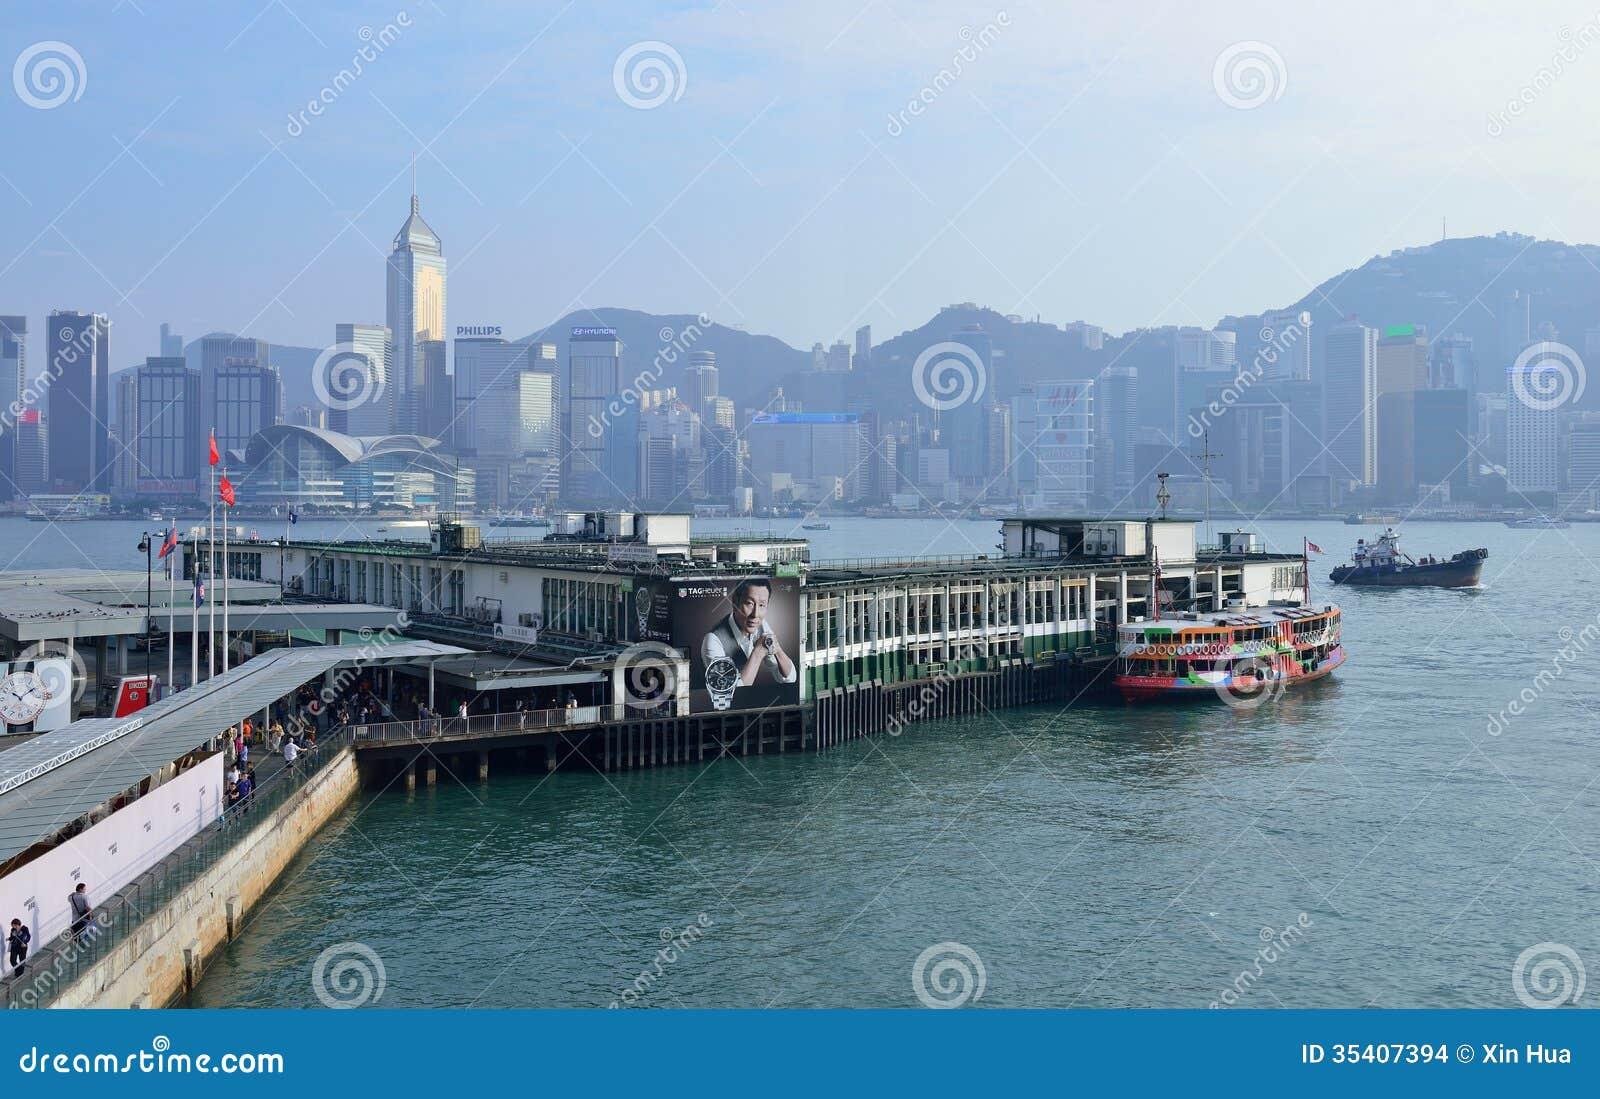 Tsim Sha Tsui Star Ferry Pier, Hong Kong